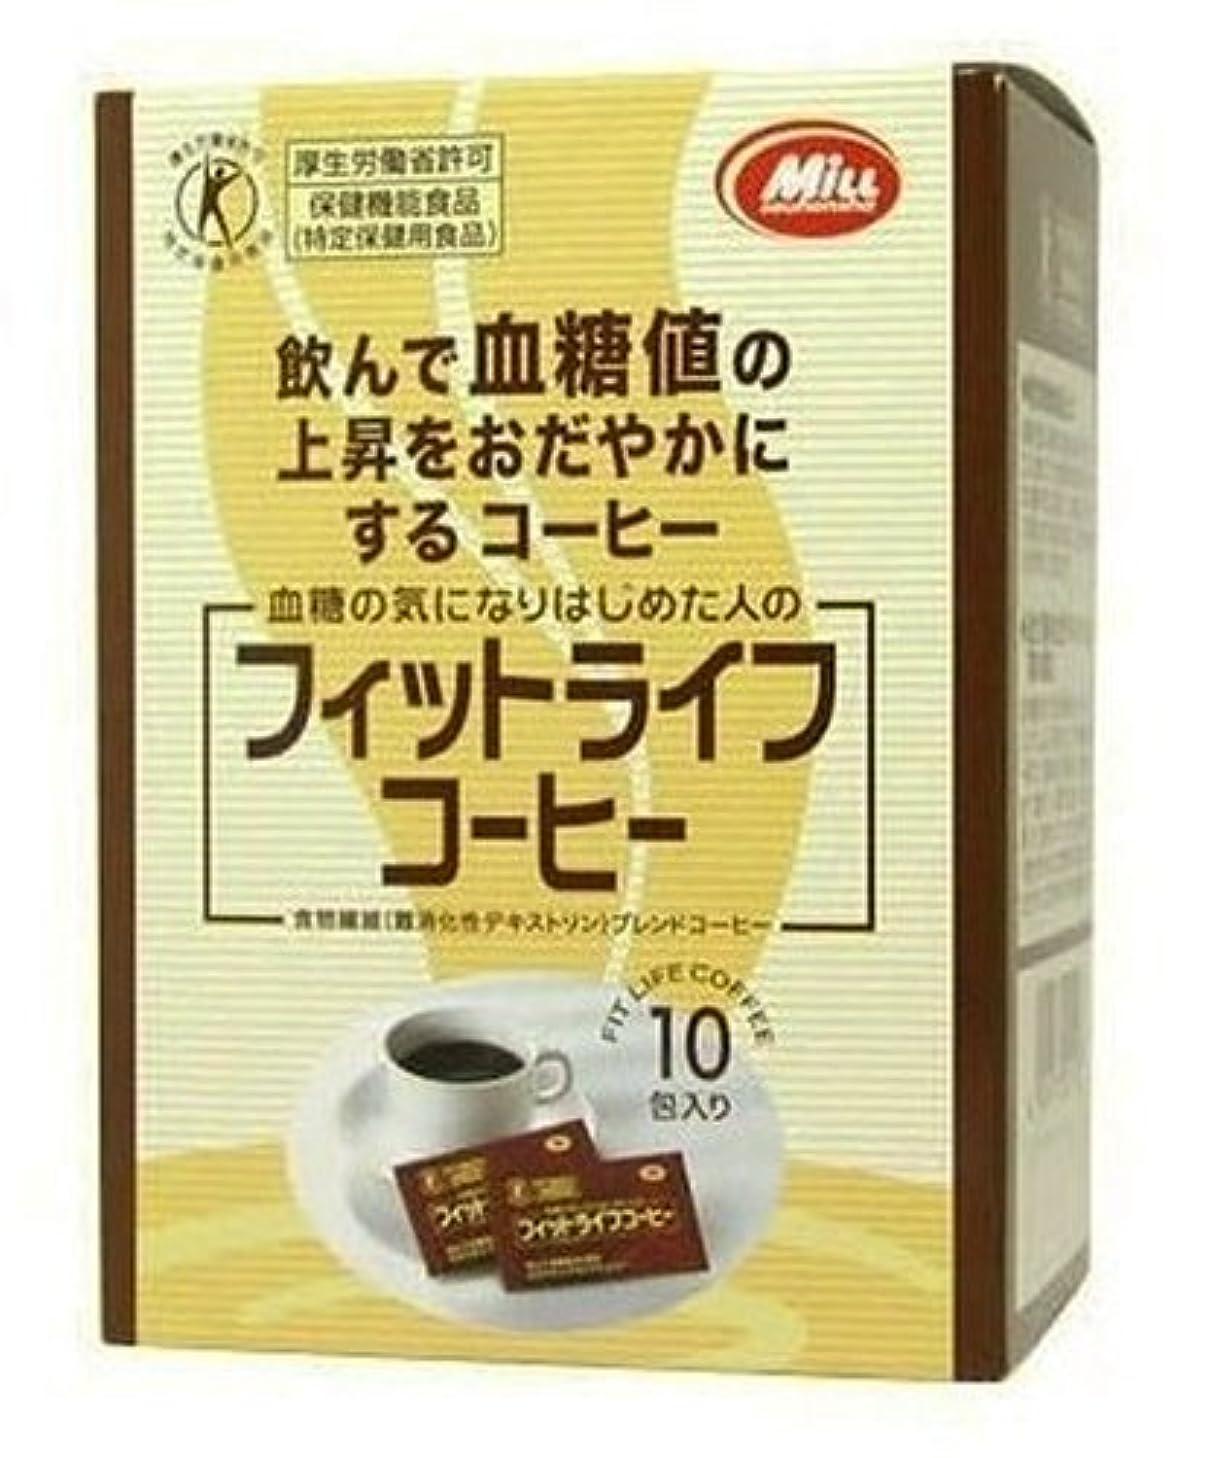 閃光非常に怒っていますペダルフィットライフコーヒー 10包 (特定保健用食品)